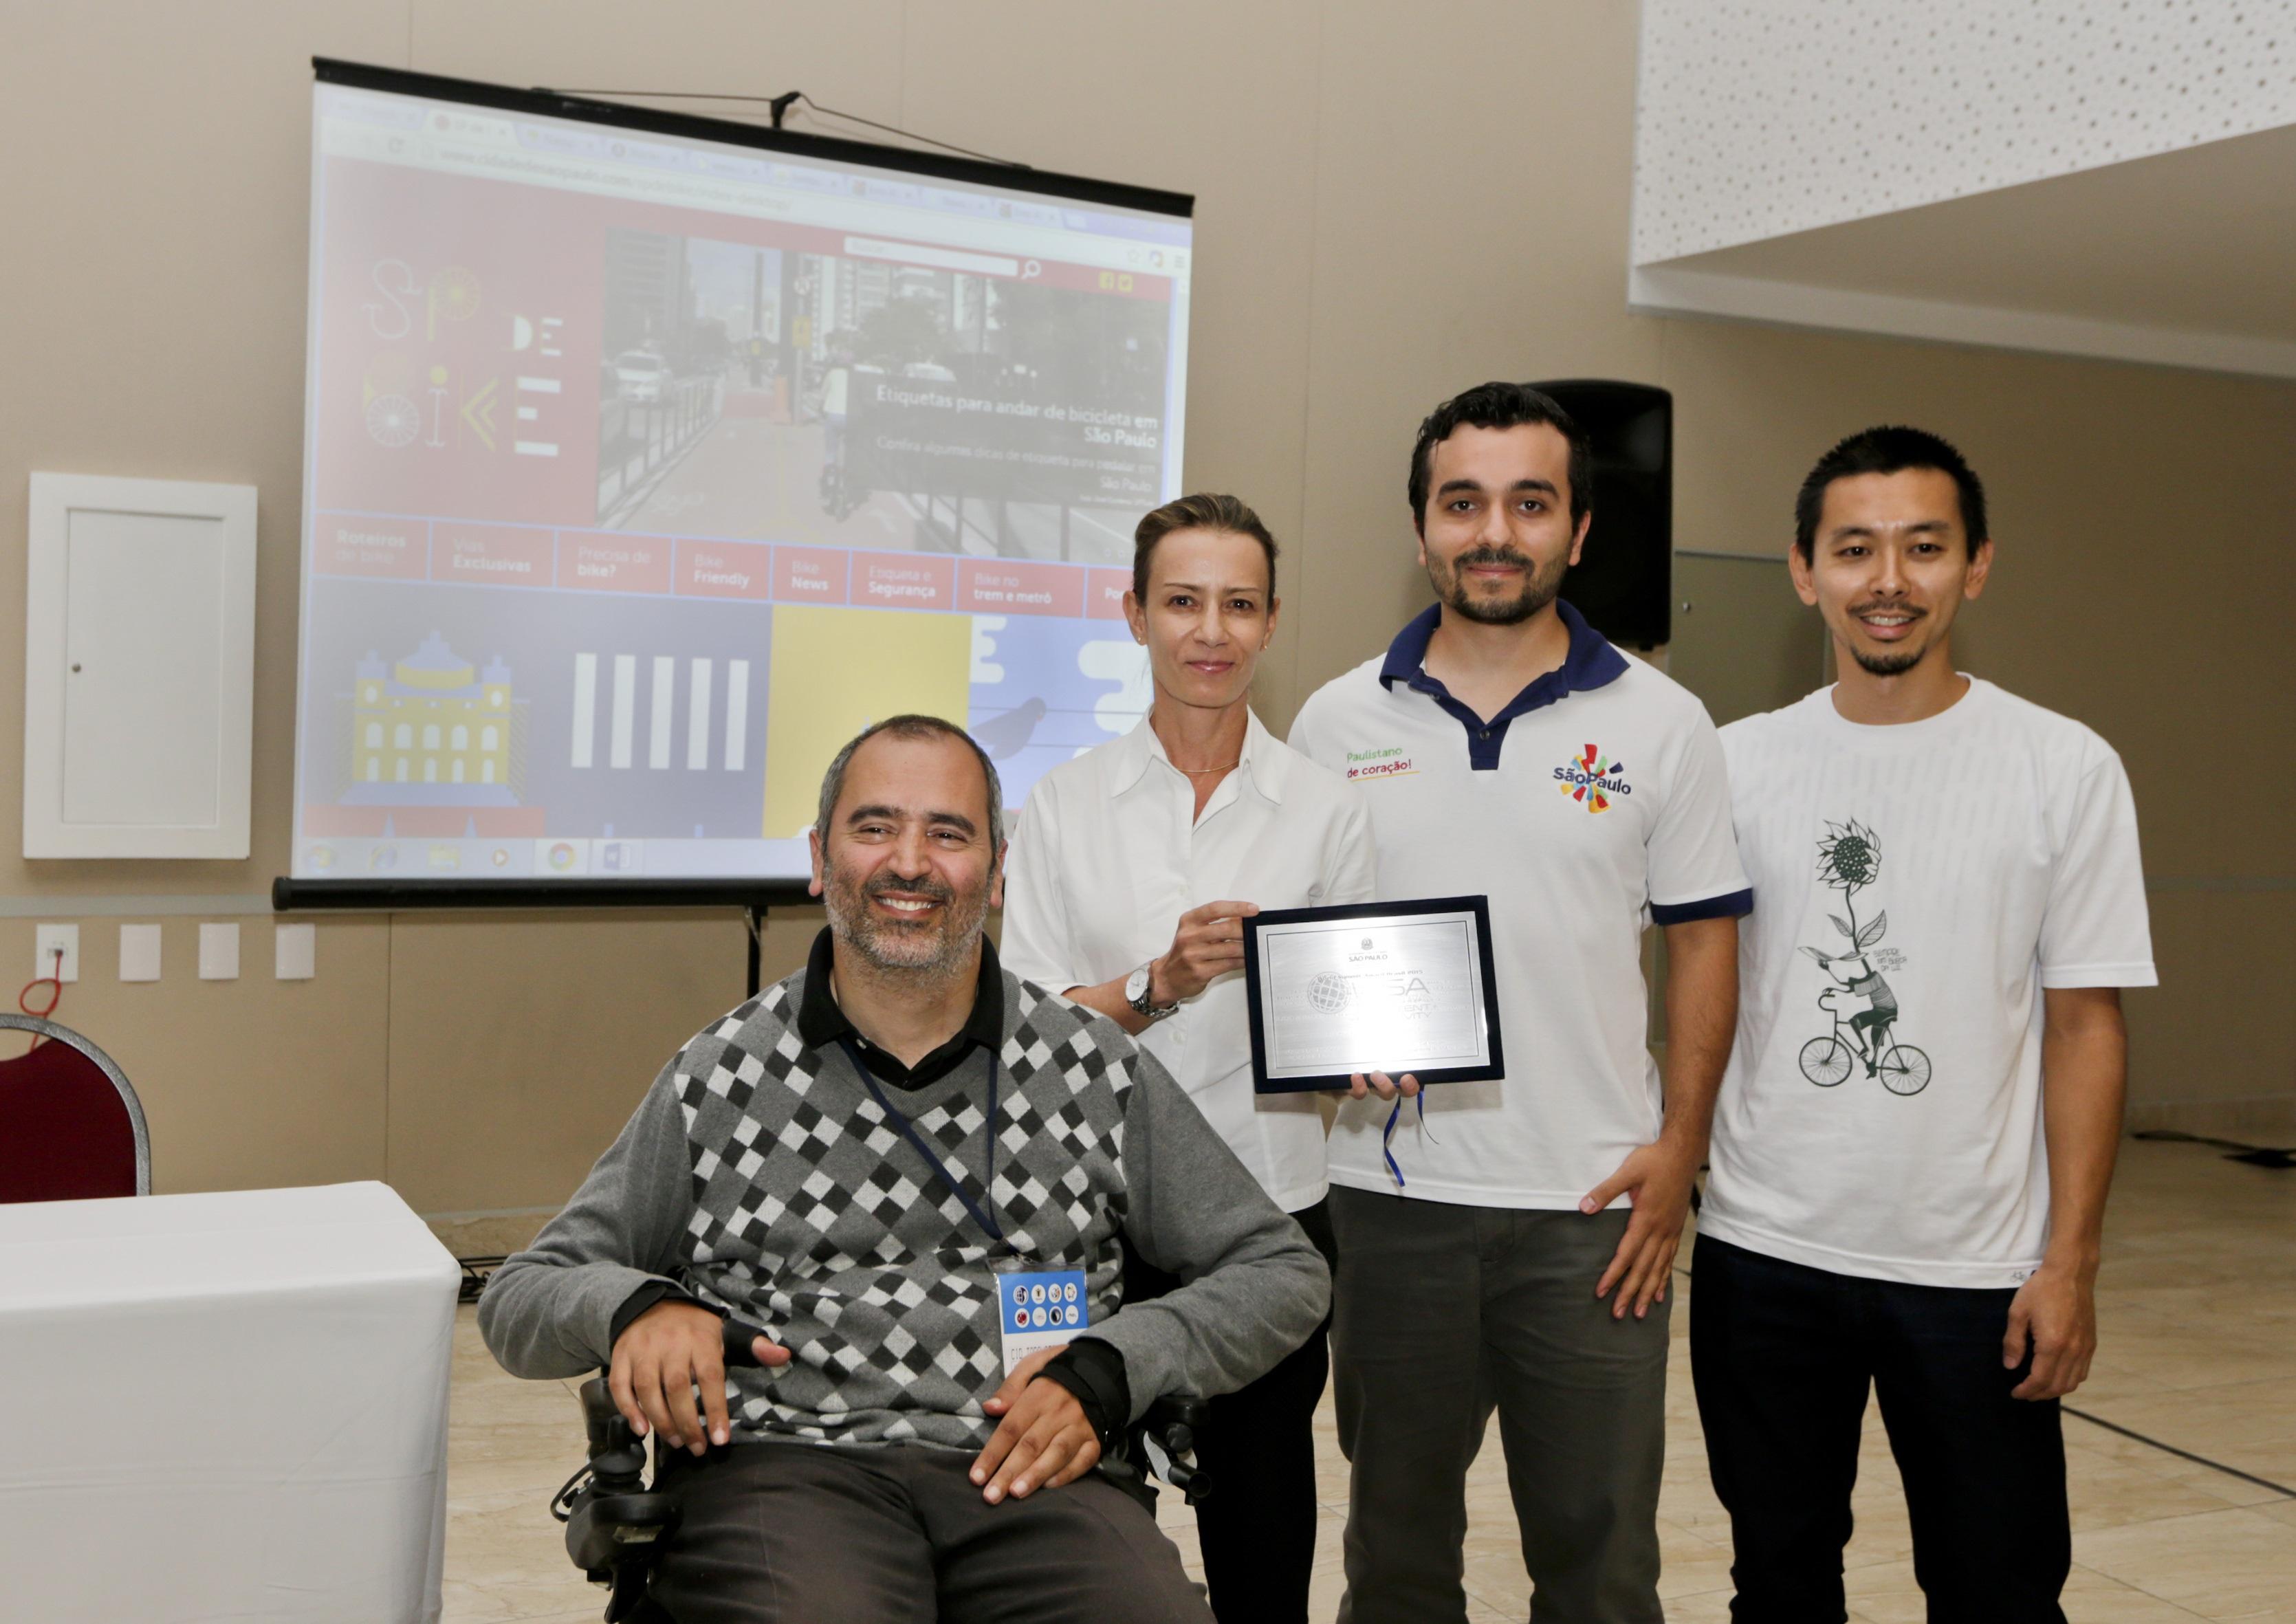 Cid Torquato, secretário-adjunto da SEDPcD (à esquerda) entregou prêmio à equipe. Foto: José Cordeiro/ SPTuris.